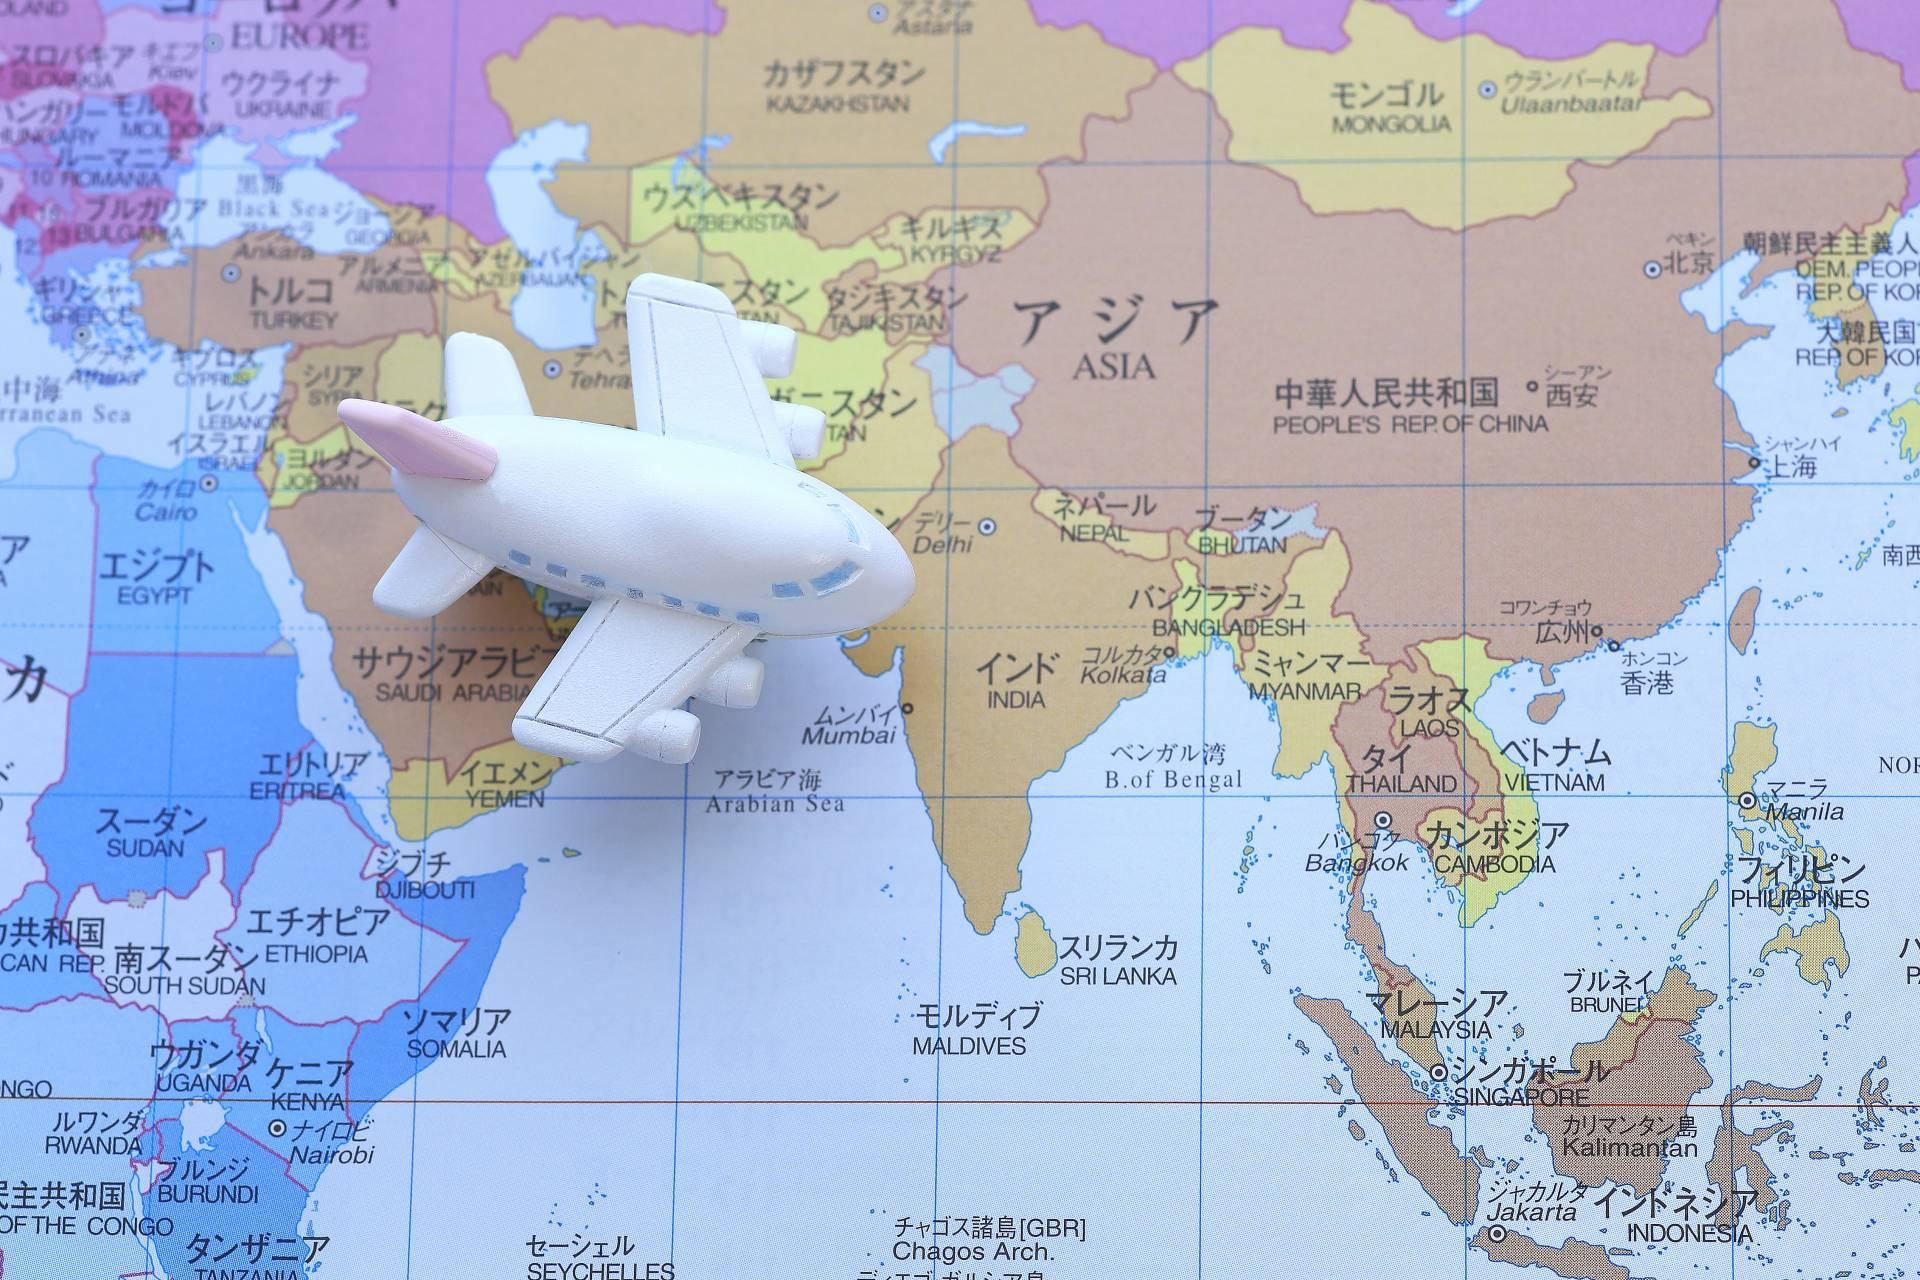 海外旅行・英語学習に役立つアプリ